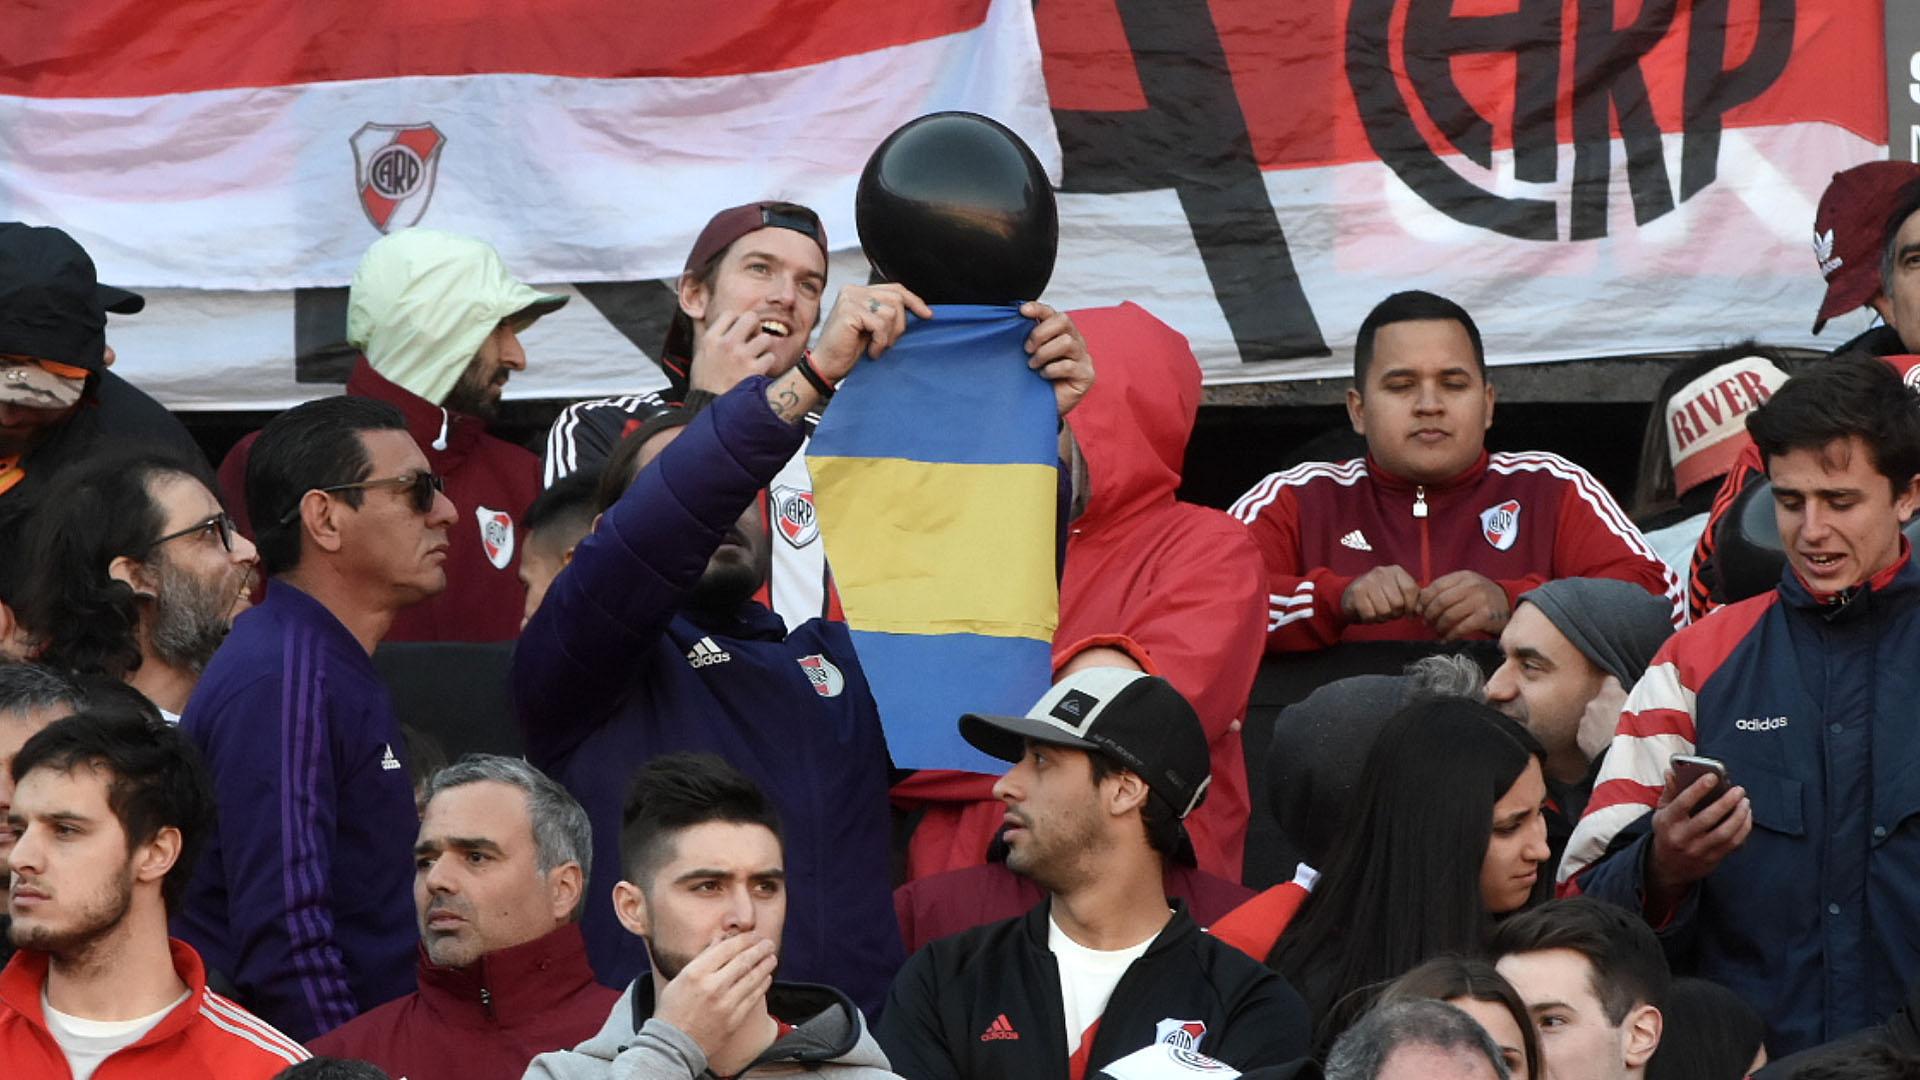 Una vez dentro de las tribunas, los fanáticos desplegaron varias cargadas para su acérrimo rival